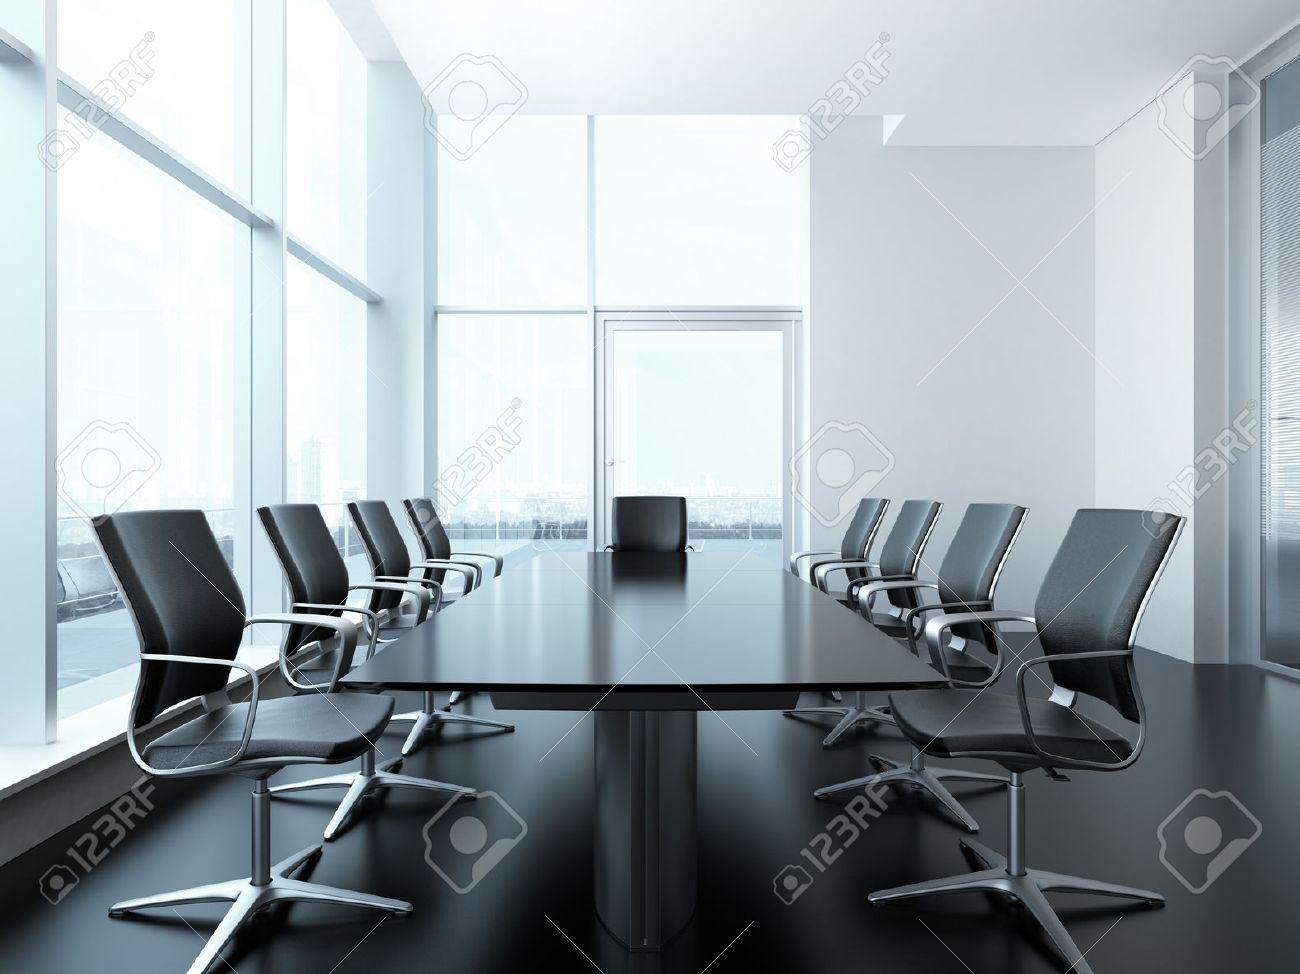 meeting room interior. 3d render scene - 22403506